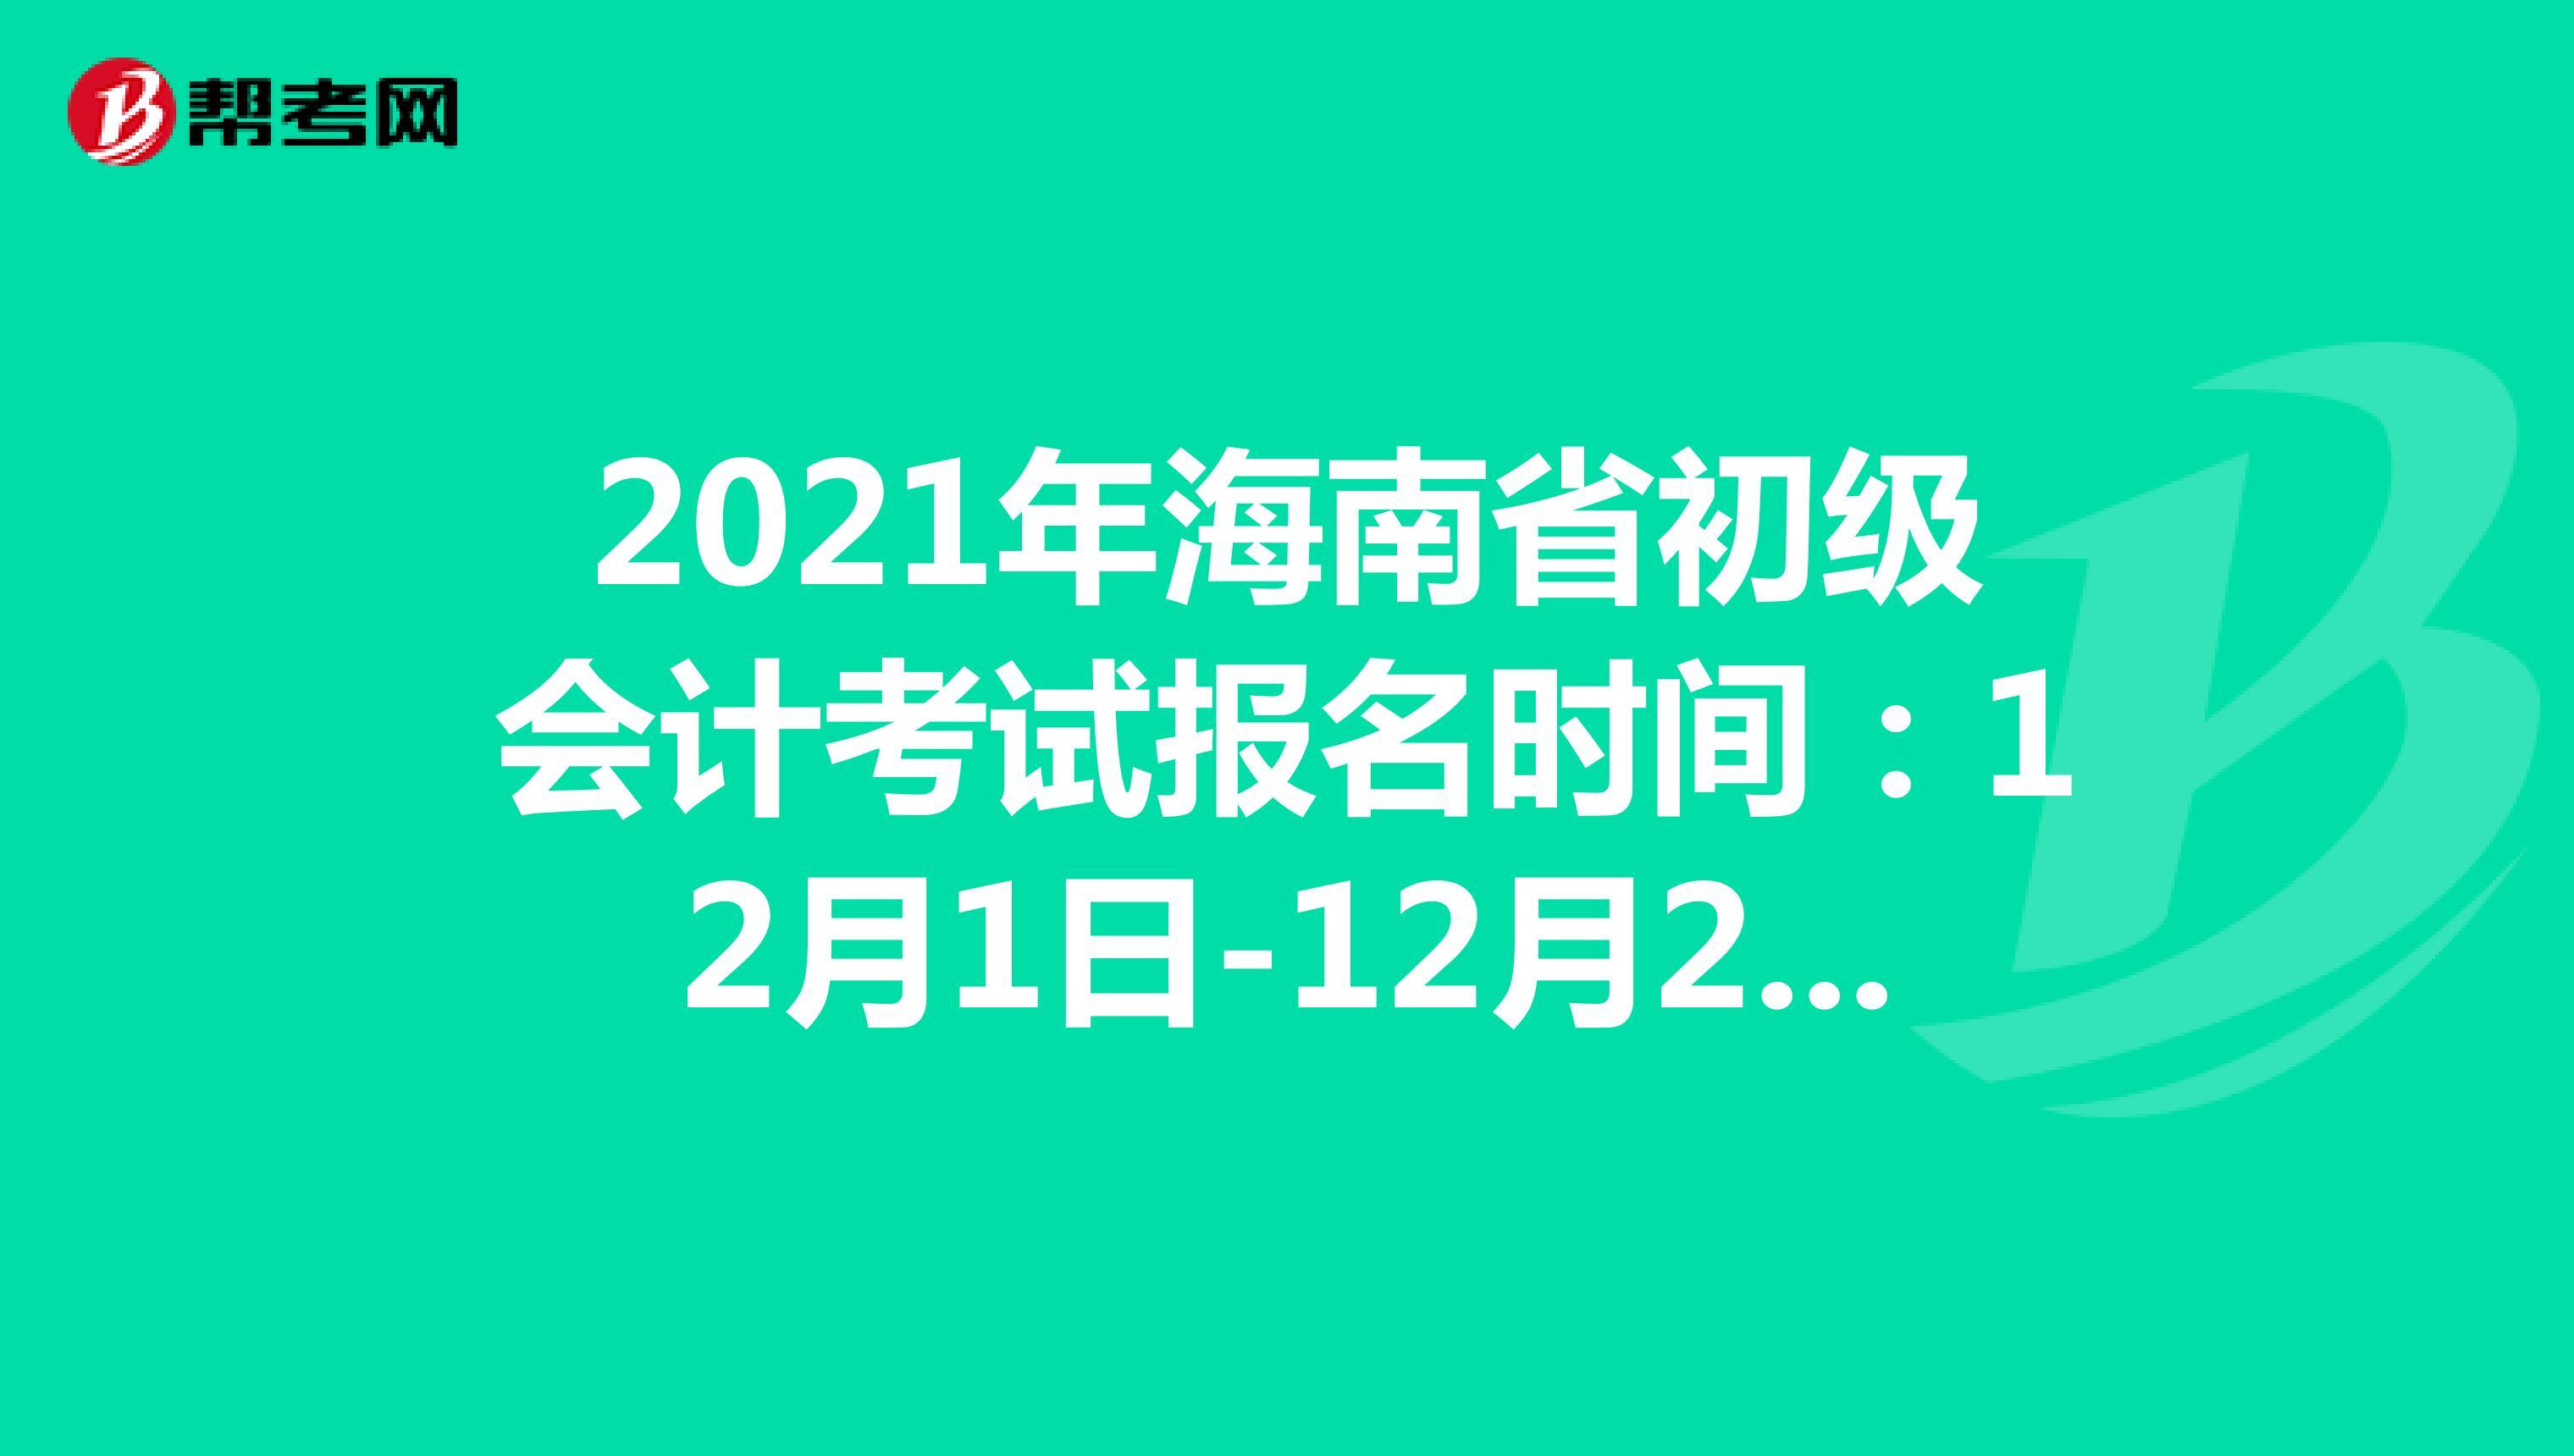 2021年海南省初级会计考试报名时间:12月1日-12月20日